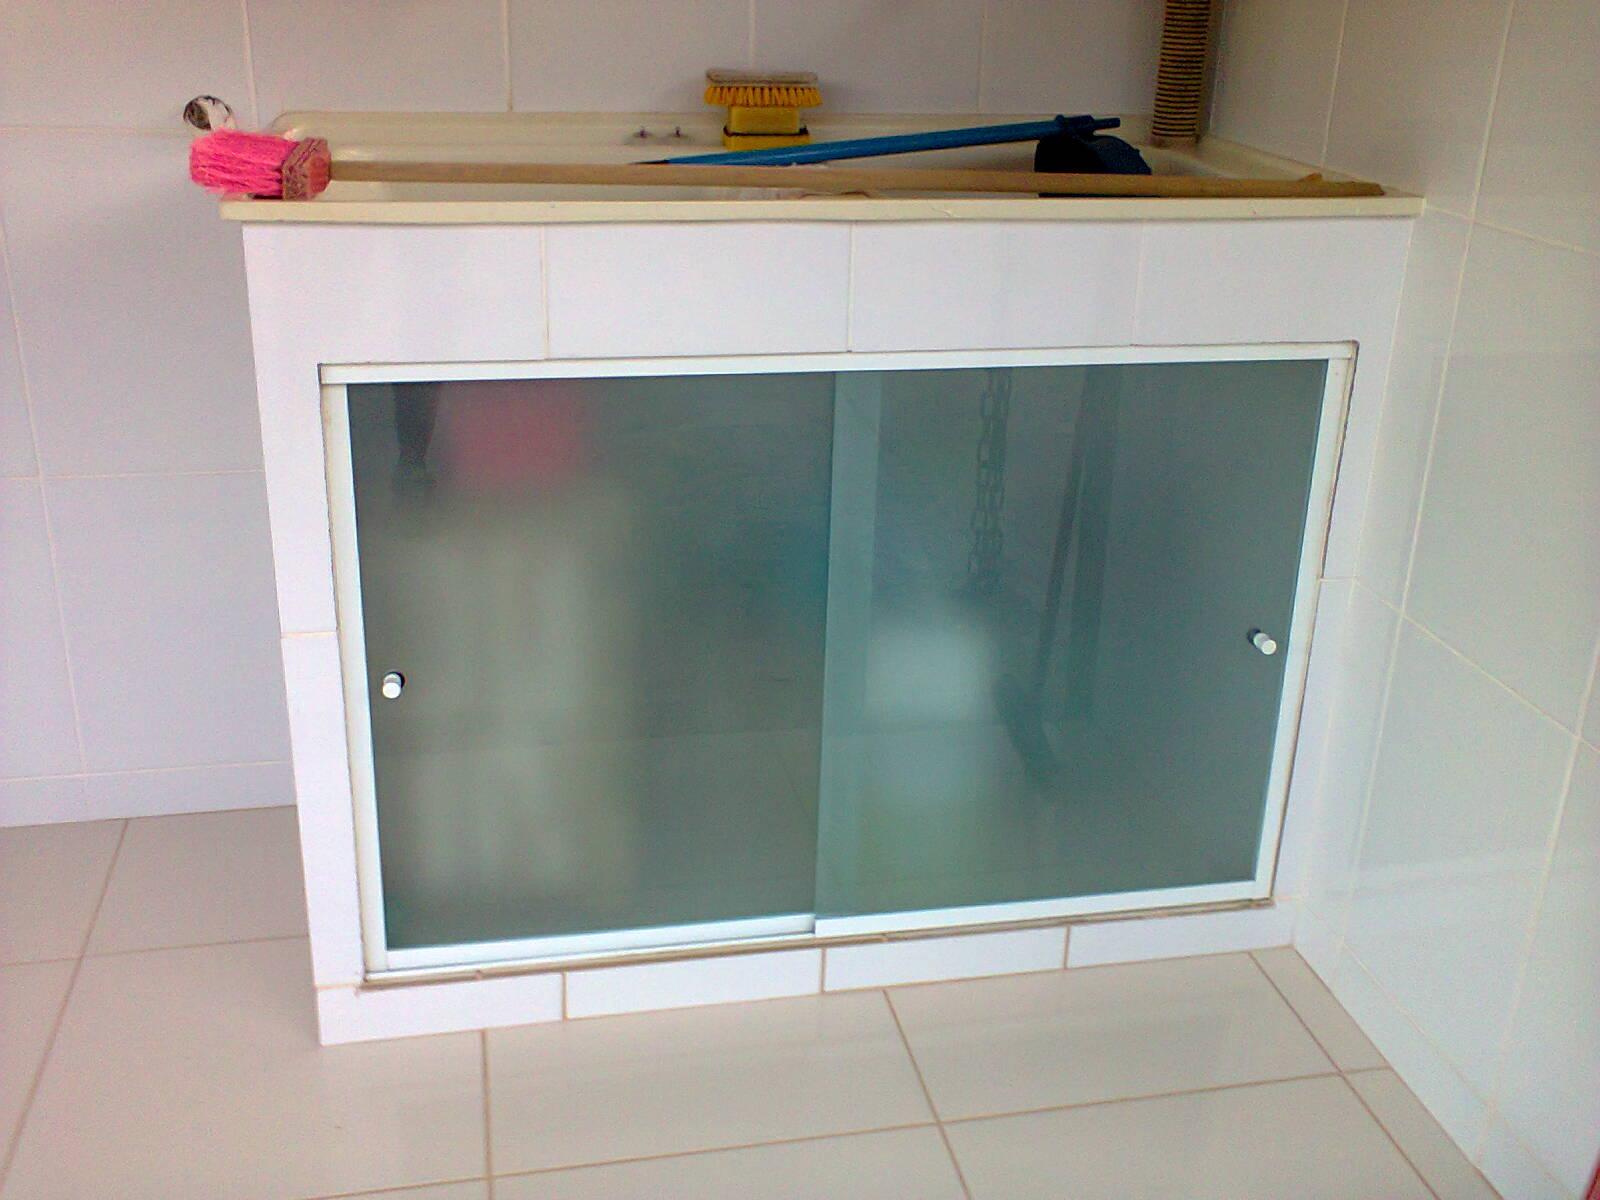 #6D4825 armario de pia cozinha vidro armario de pia cozinha vidro 3 Car Tuning 1600x1200 px Projeto De Armario De Pia De Cozinha #2739 imagens